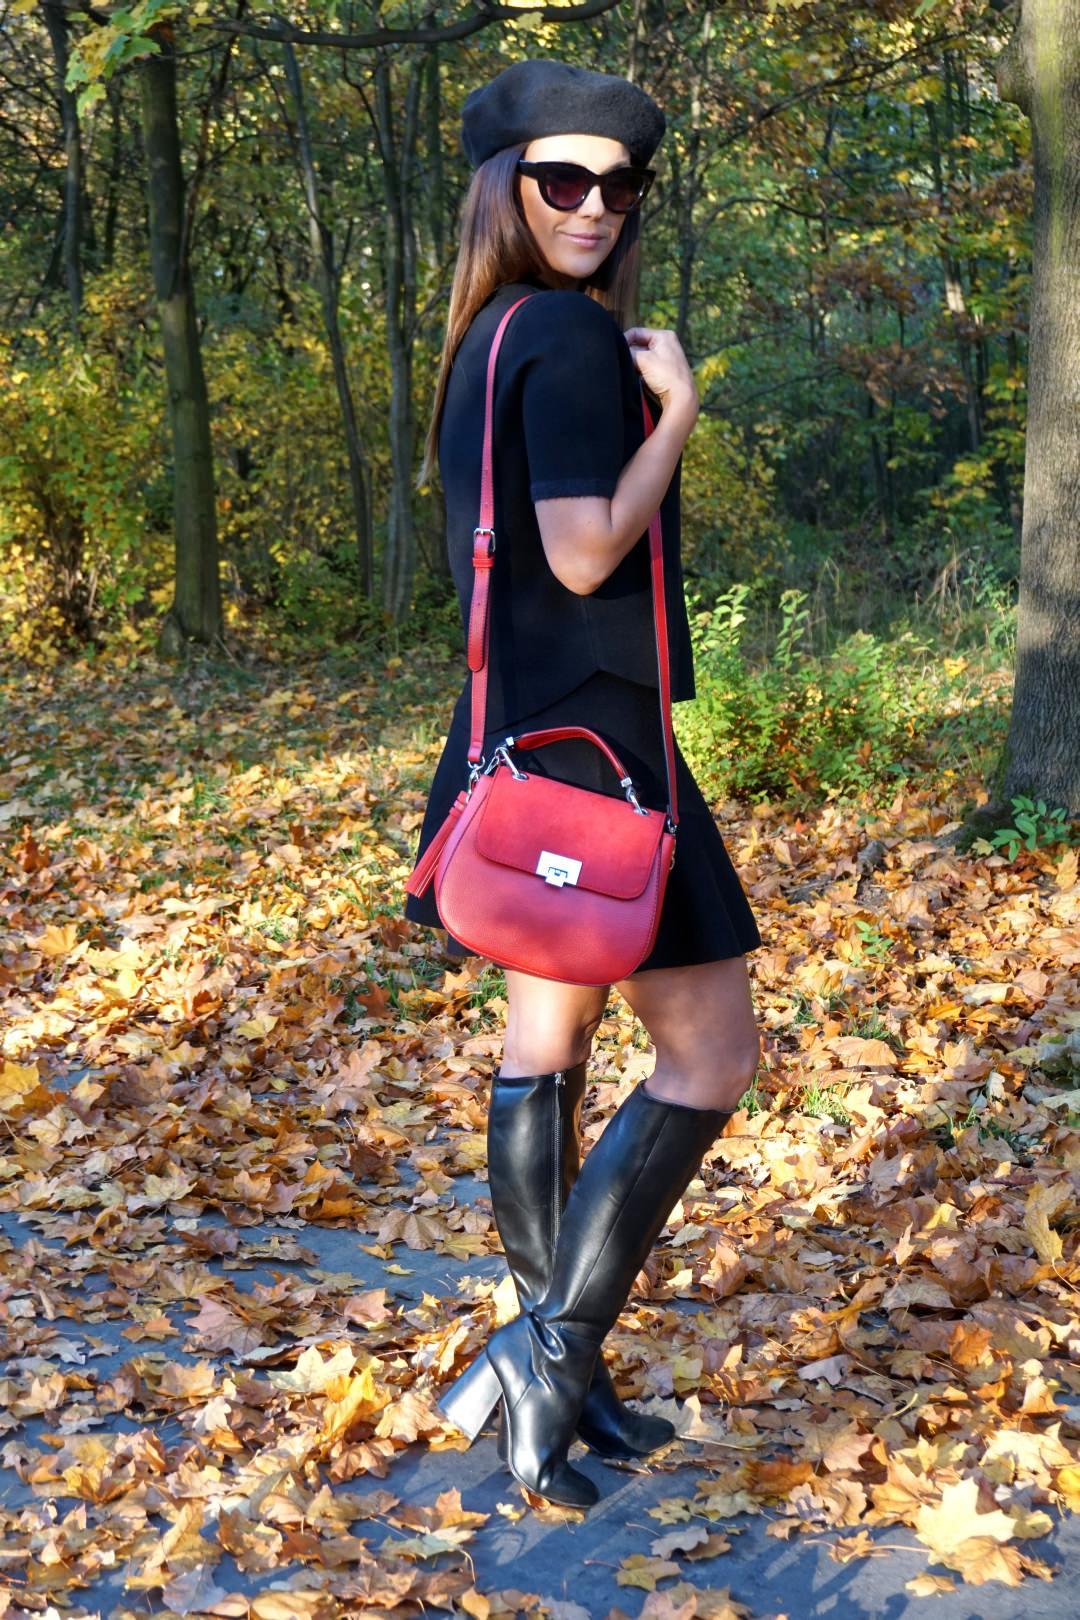 91b6ede6845f0 Modne damskie torebki listonoszki ⋆ Oshopping Blog